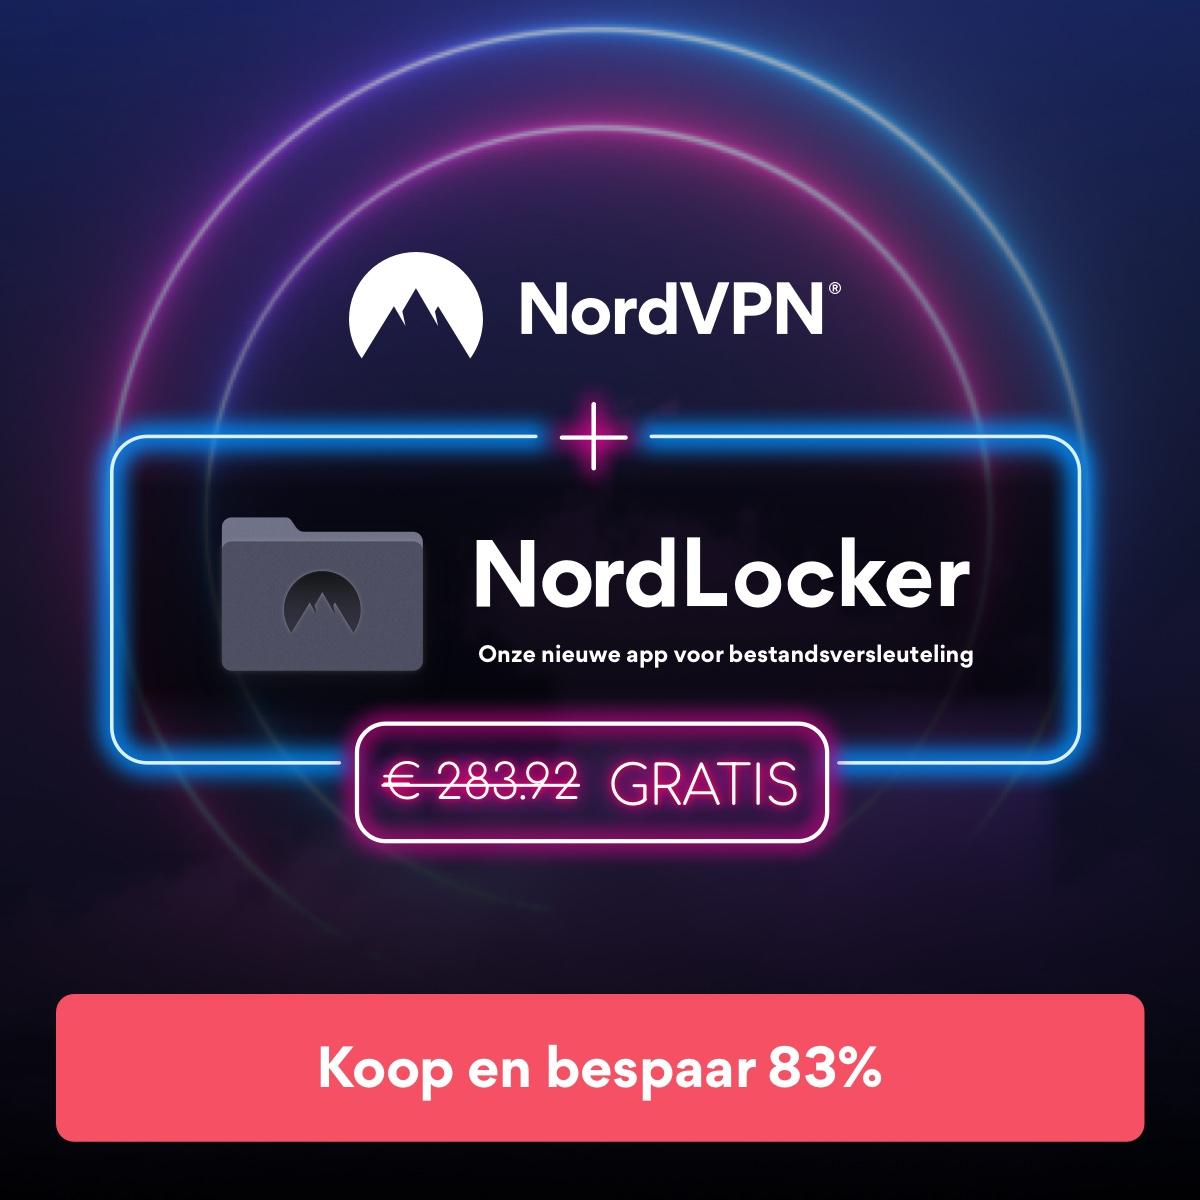 3-jarig NordVPN-abonnement voor € 3.17/maand + 3 maanden extra + NordLocker GRATIS